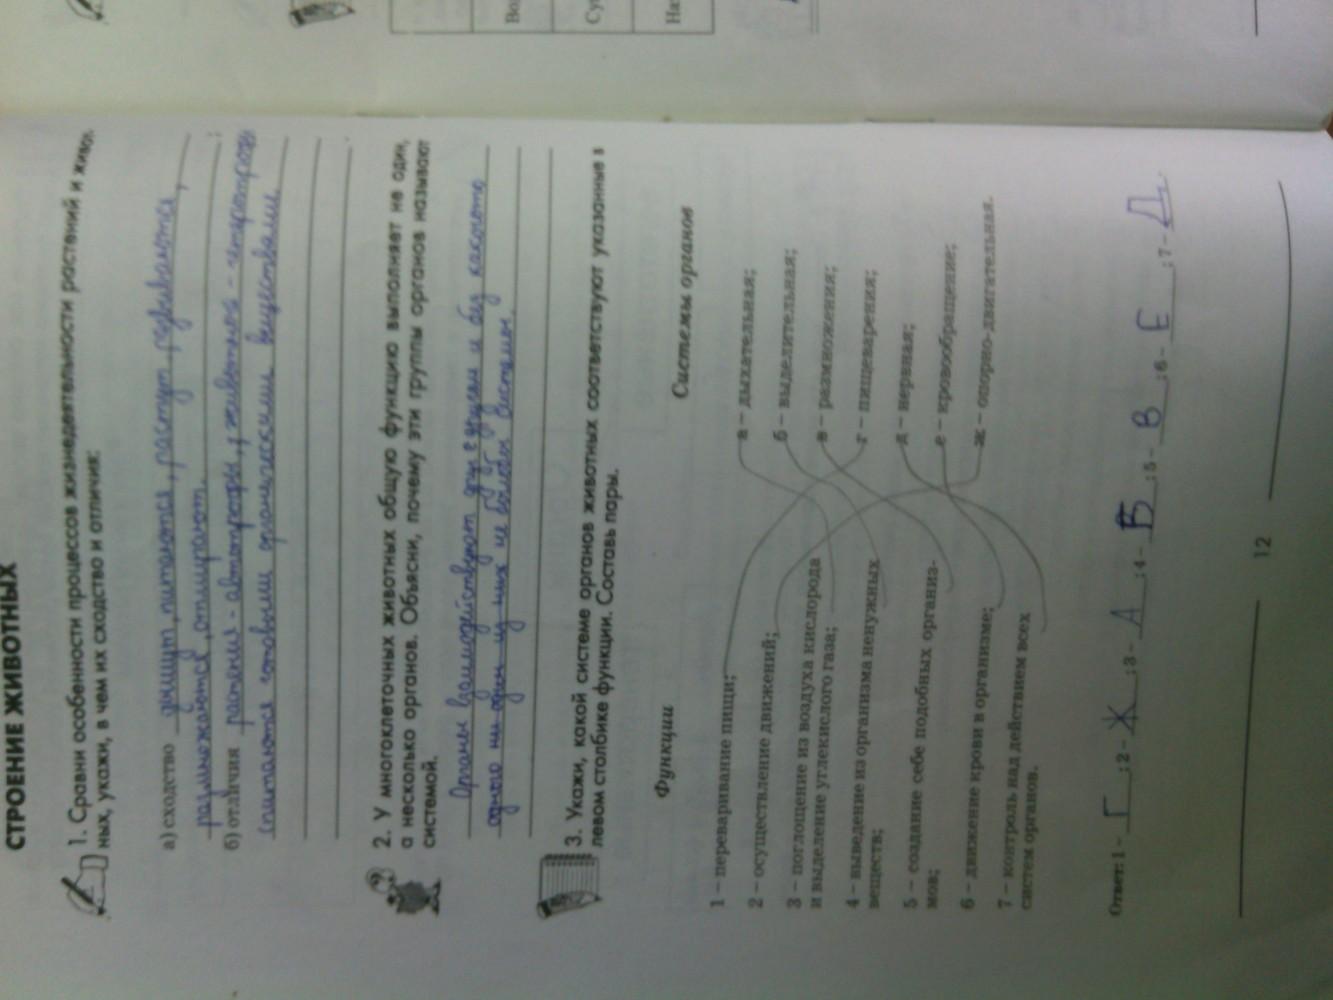 ГДЗ відповіді робочий зошит по биологии 6 класс Котик, Гусева. Задание: стр. 12